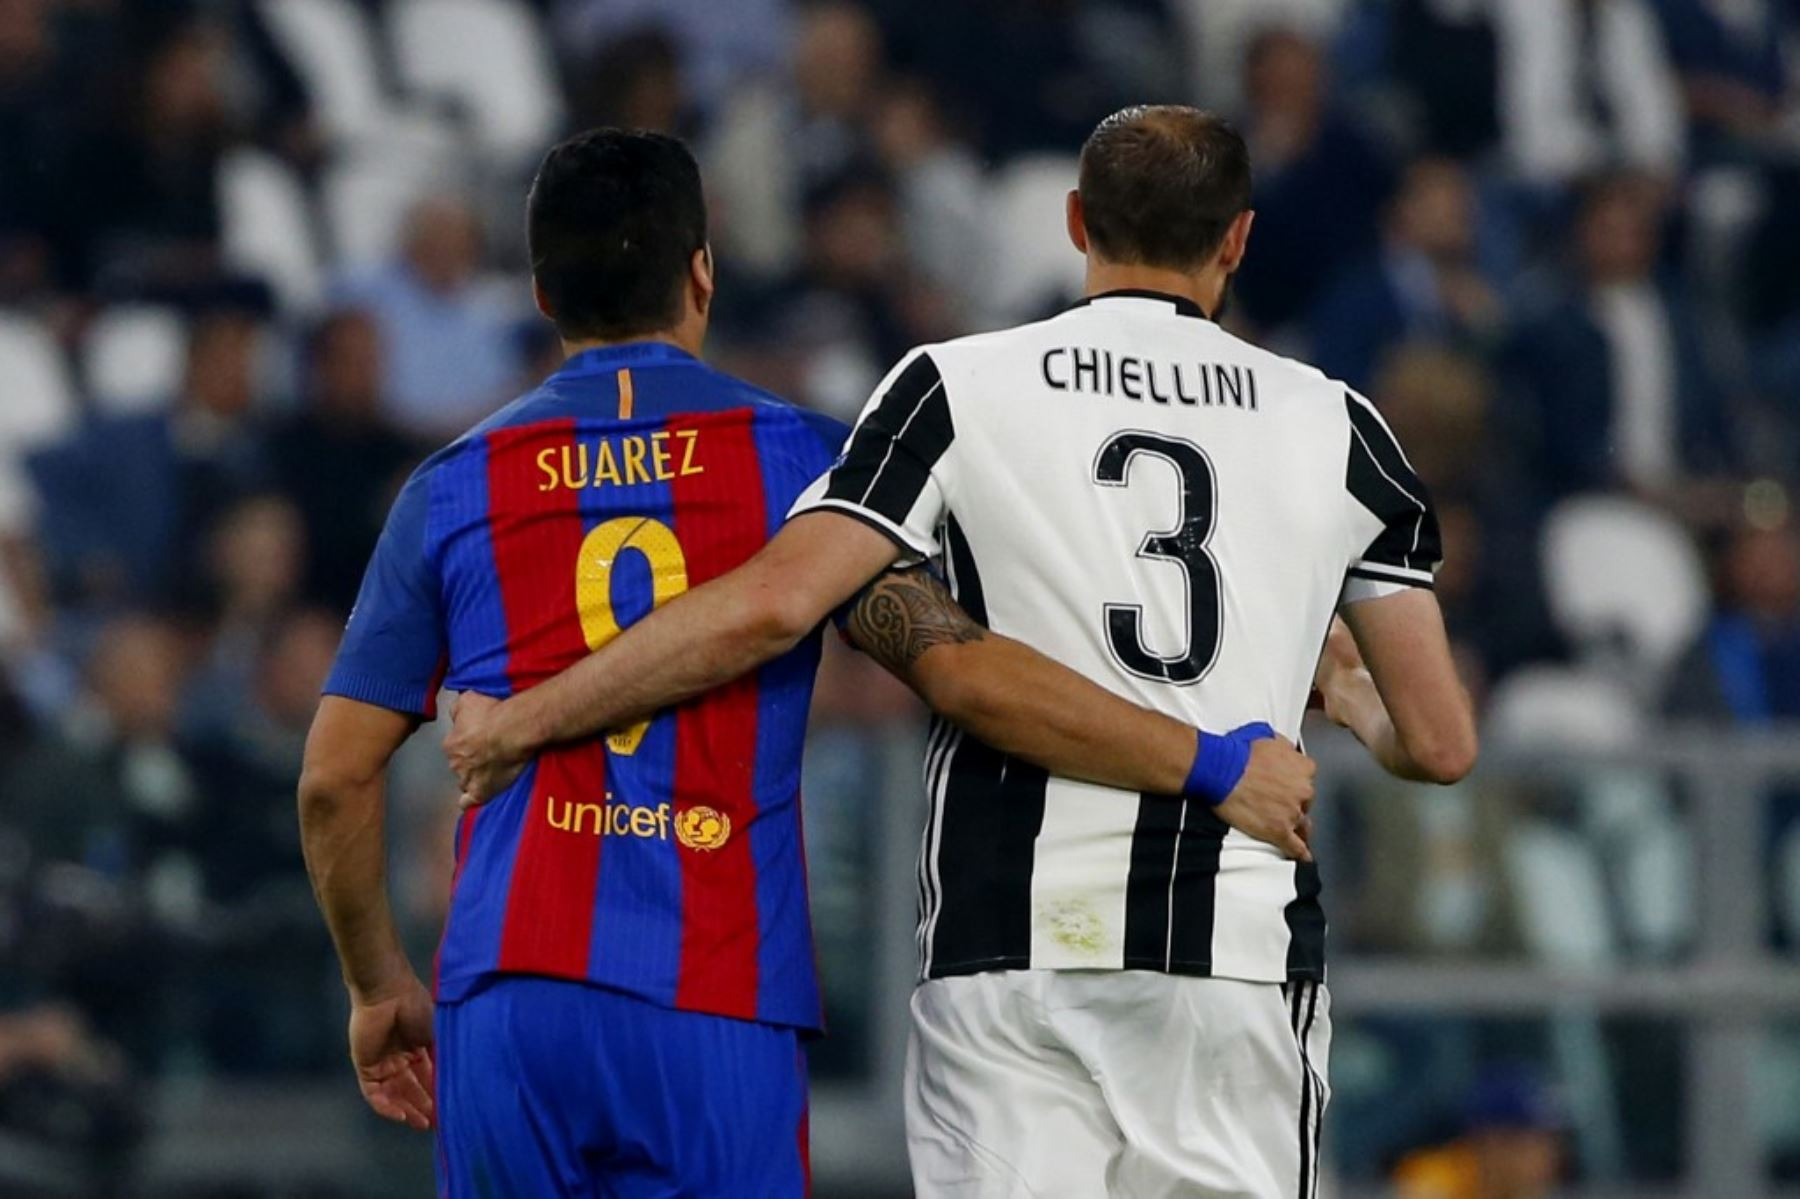 Giorgio Chiellini, defensa del Juventus Turín, disculpó y hasta elogió al uruguayo Luis Suárez por el mordisco